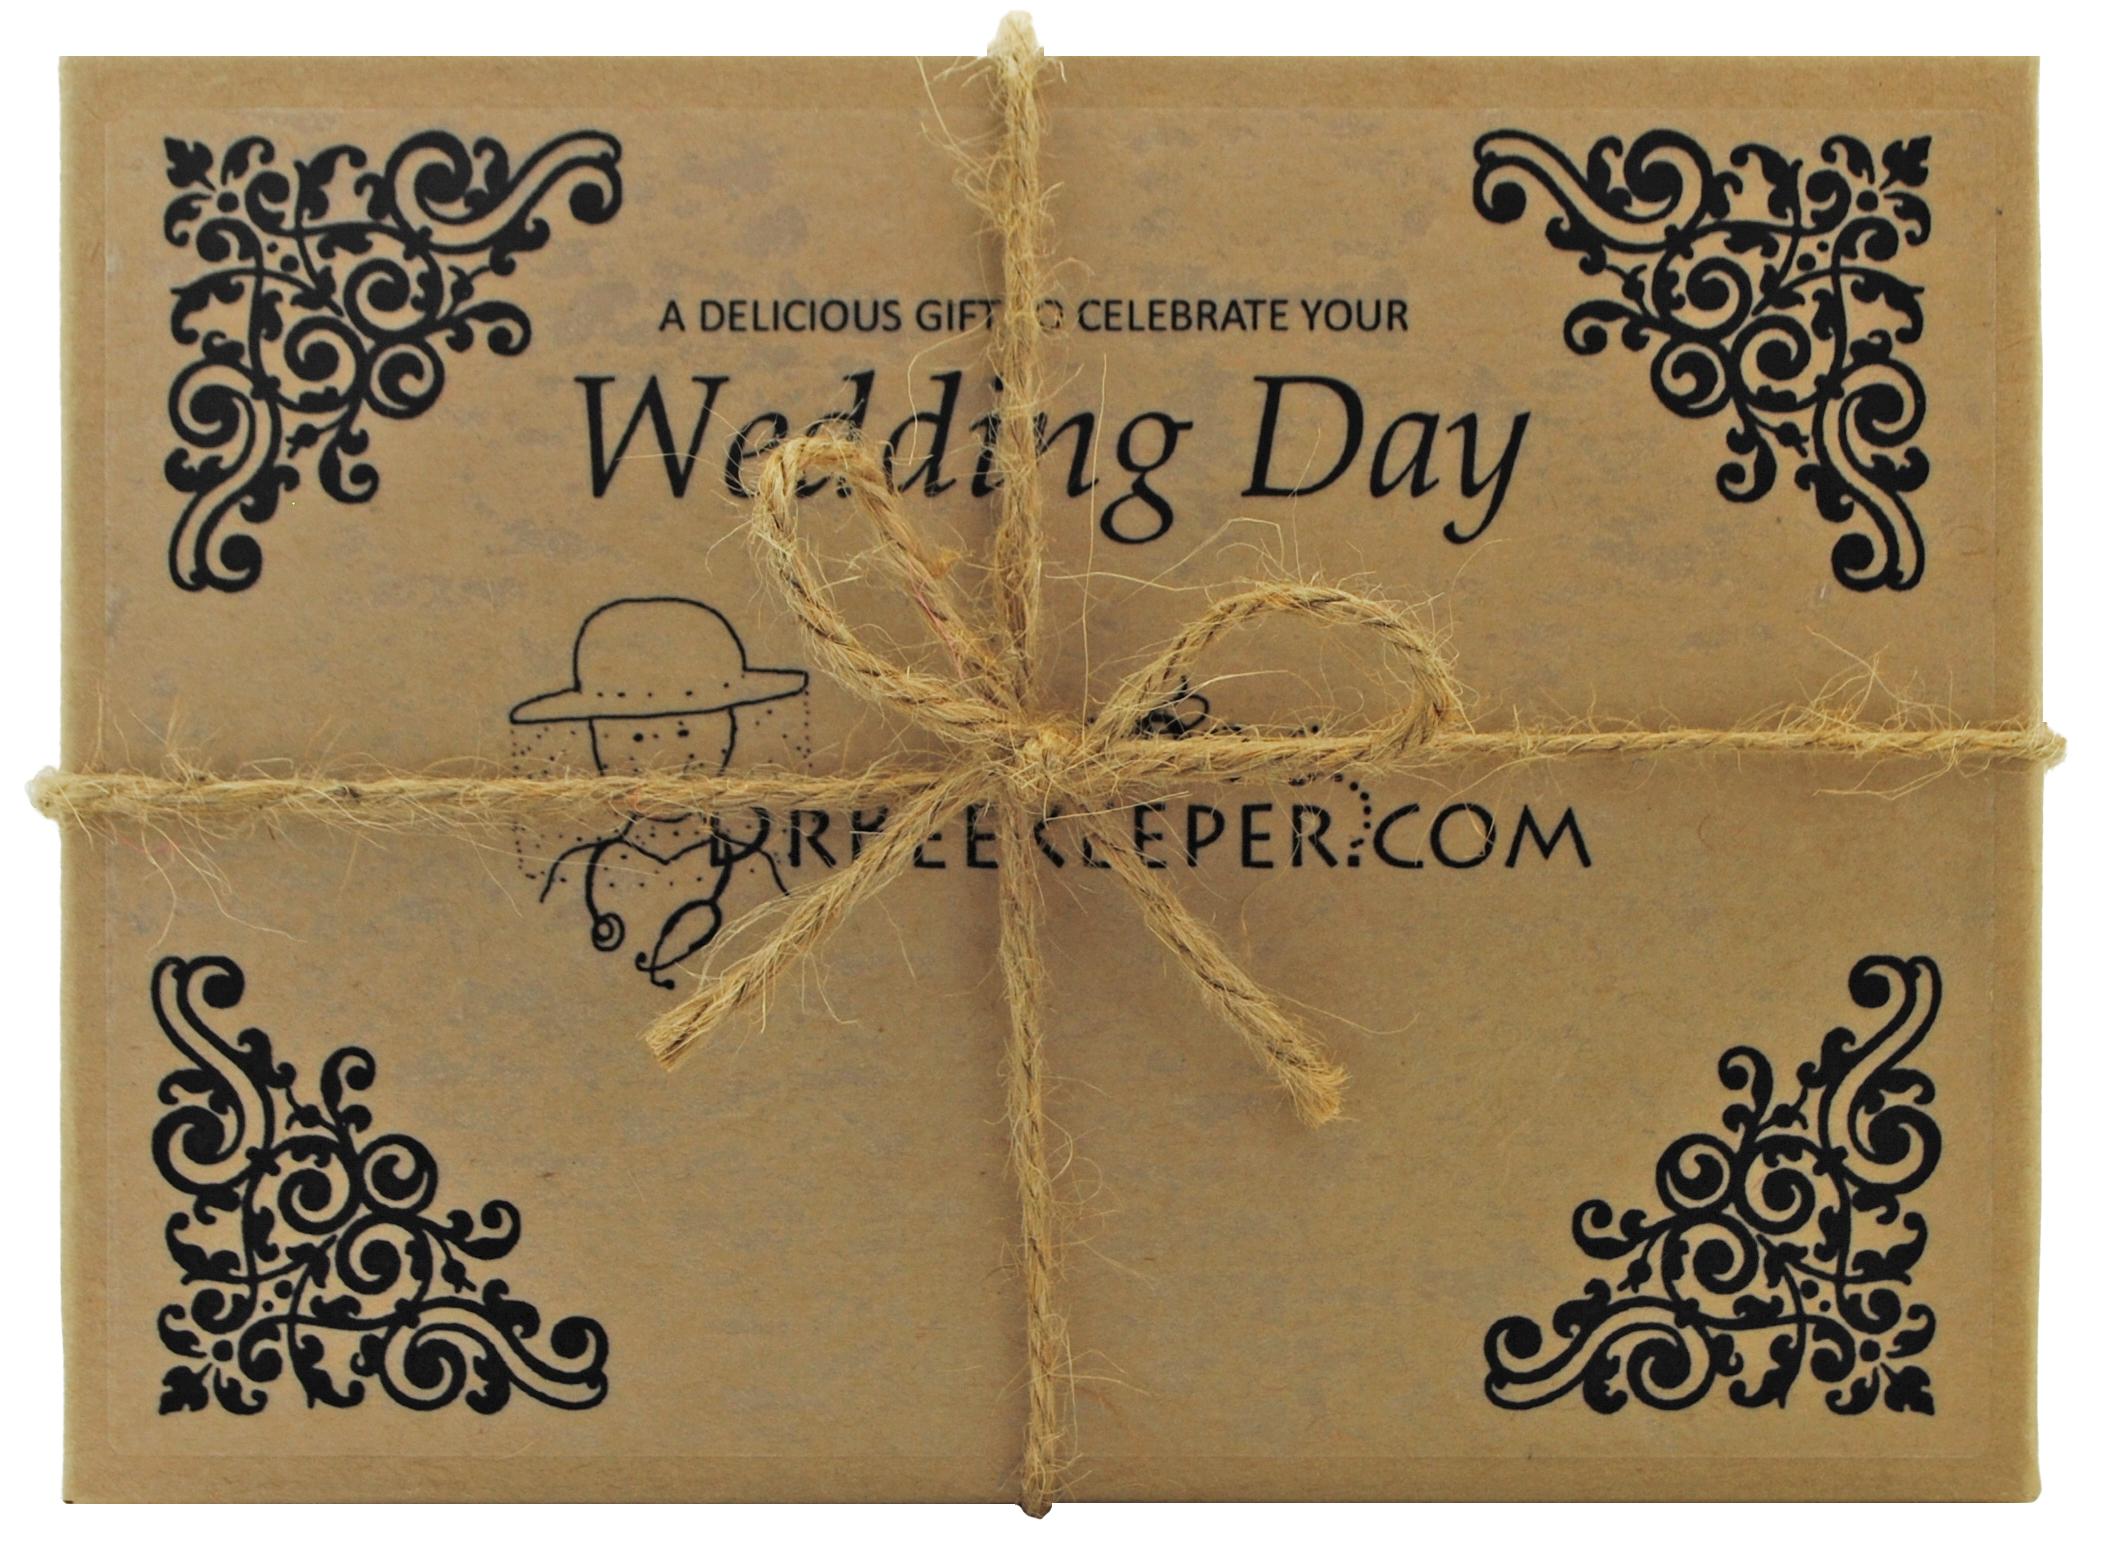 Drbeekeeper Wedding Gift Box Drbeekeeper